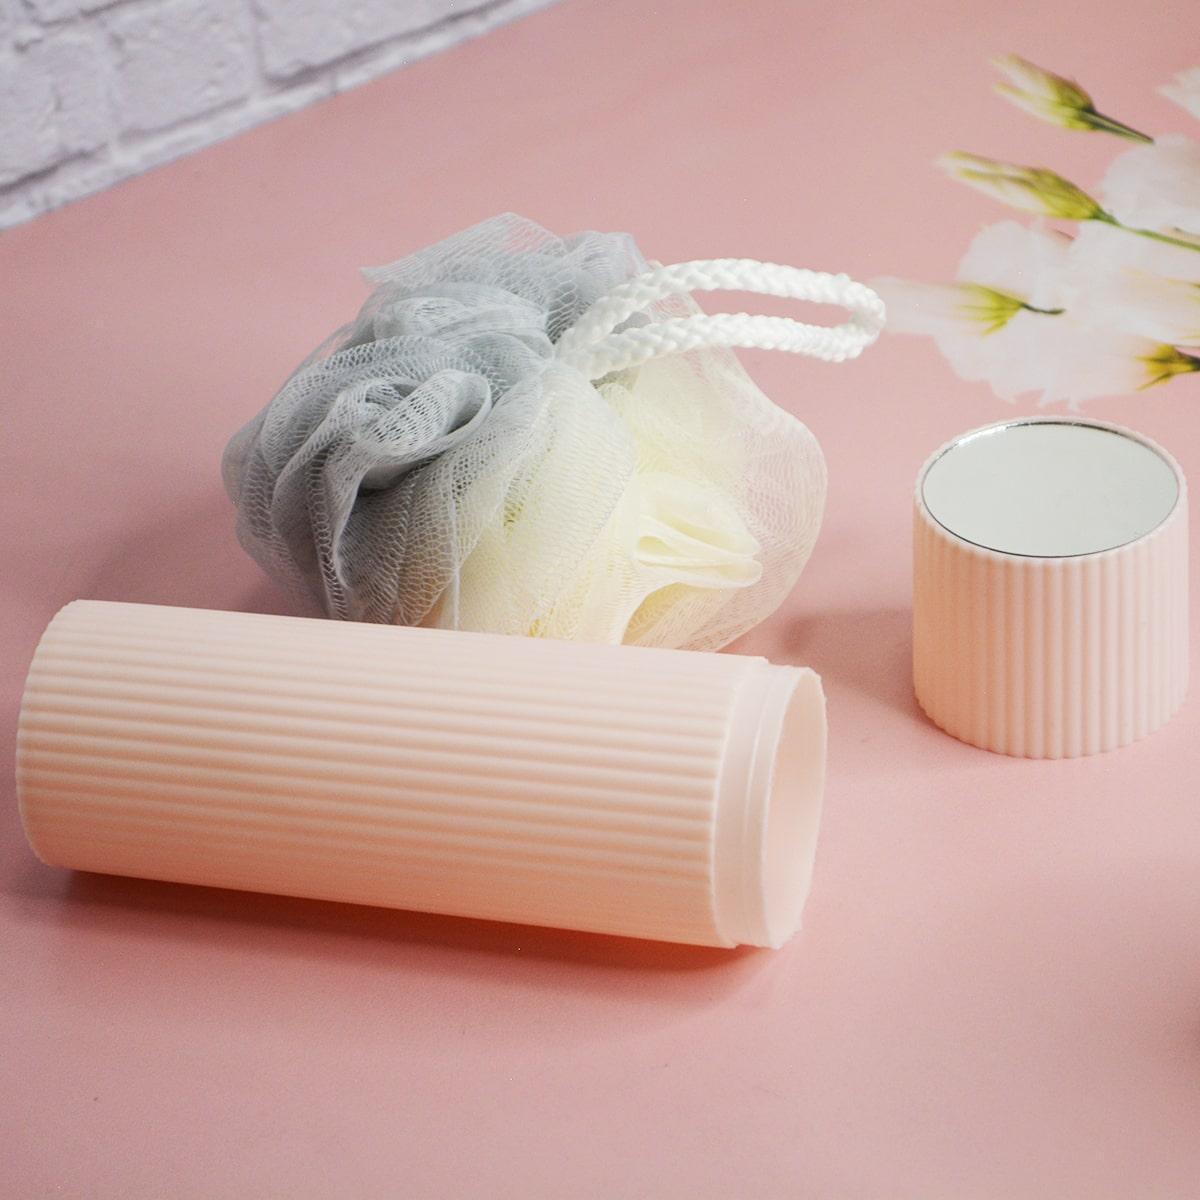 Банный дорожный набор 5 предметов (футляр для зубной щетки, вехотка, мыльница, расческа, косметичка) розовый - фото 3